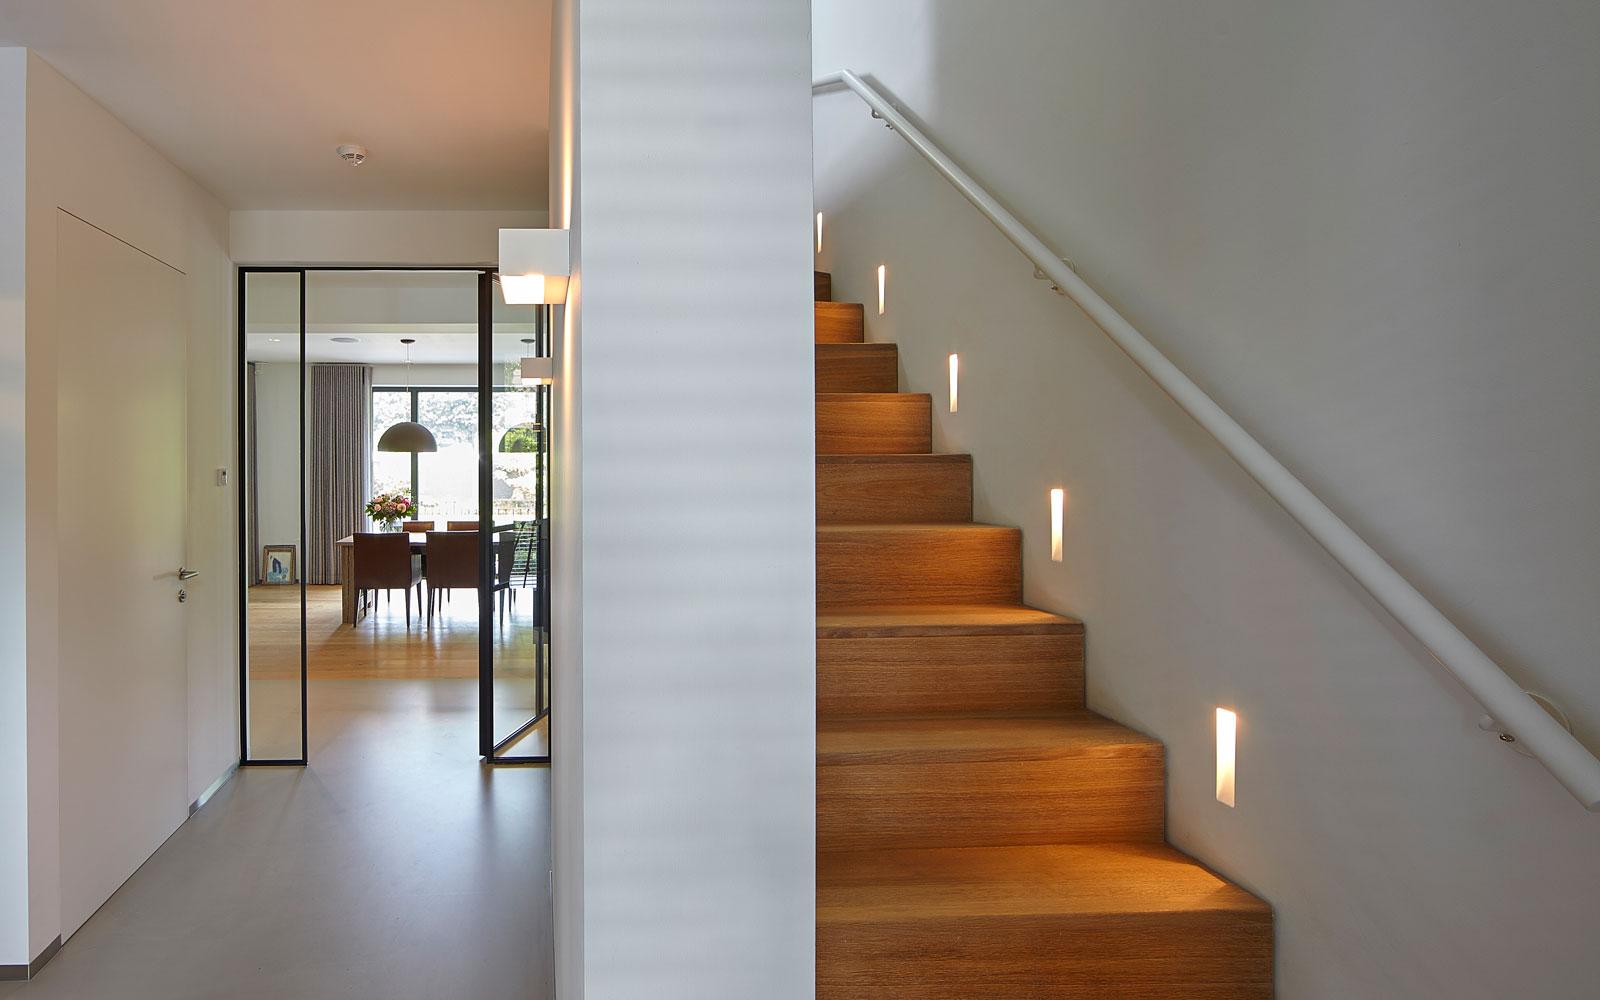 Houten trap van Origineel Chapel Parket, inspirerende villa, Wolfs Architecten